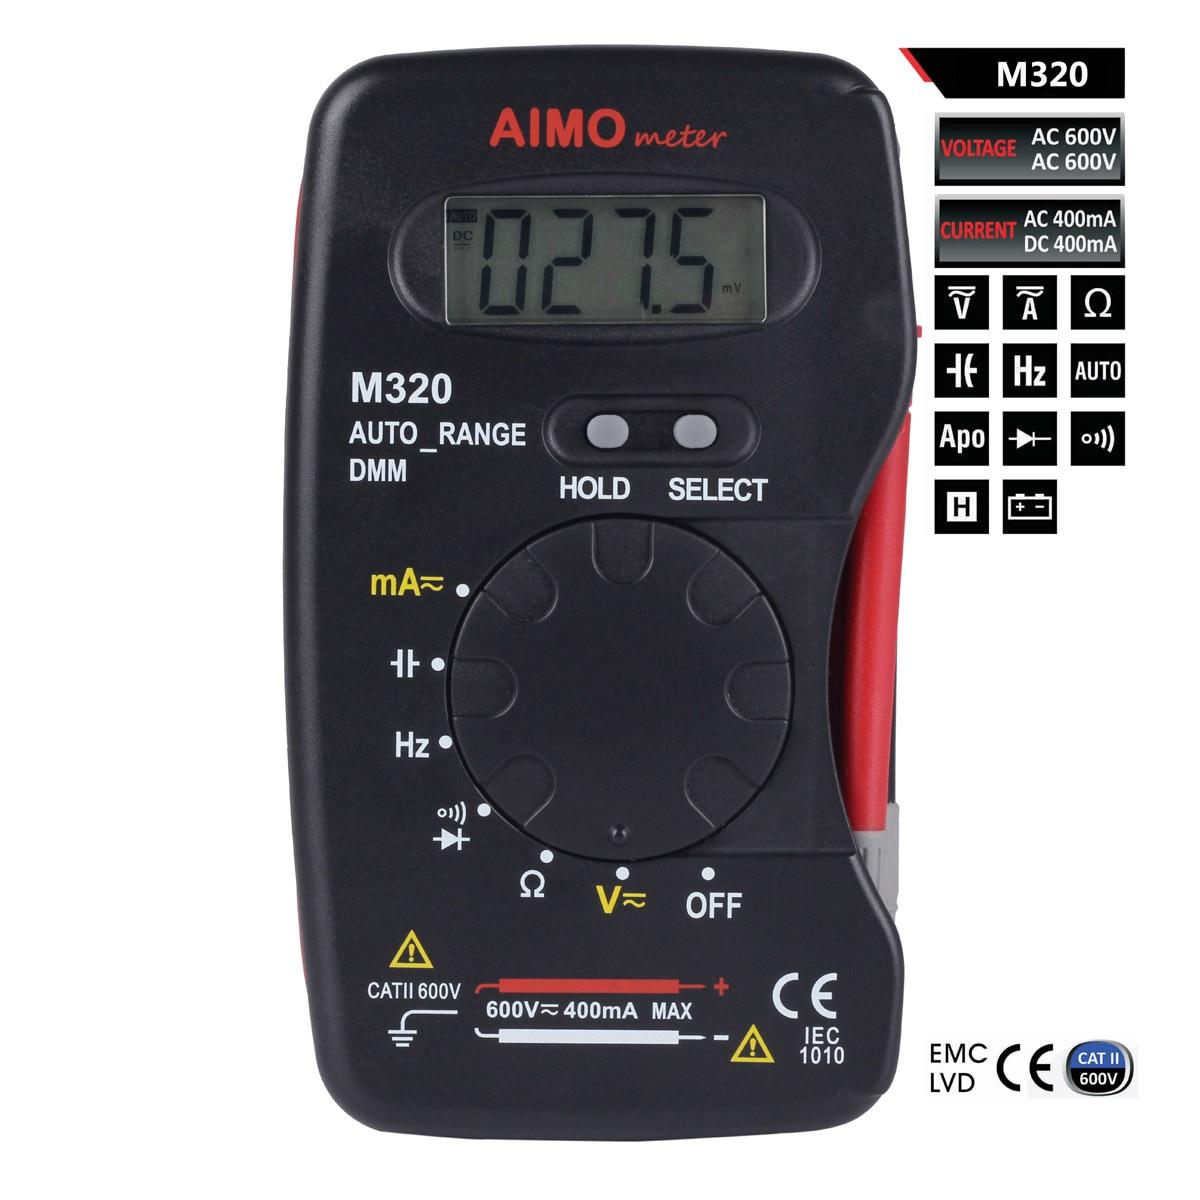 M108 aimo m320 карманные мини Ручной ЖК-дисплей цифровой мультиметр DMM измерения частоты емкость с удержания данных Авто Диапазон